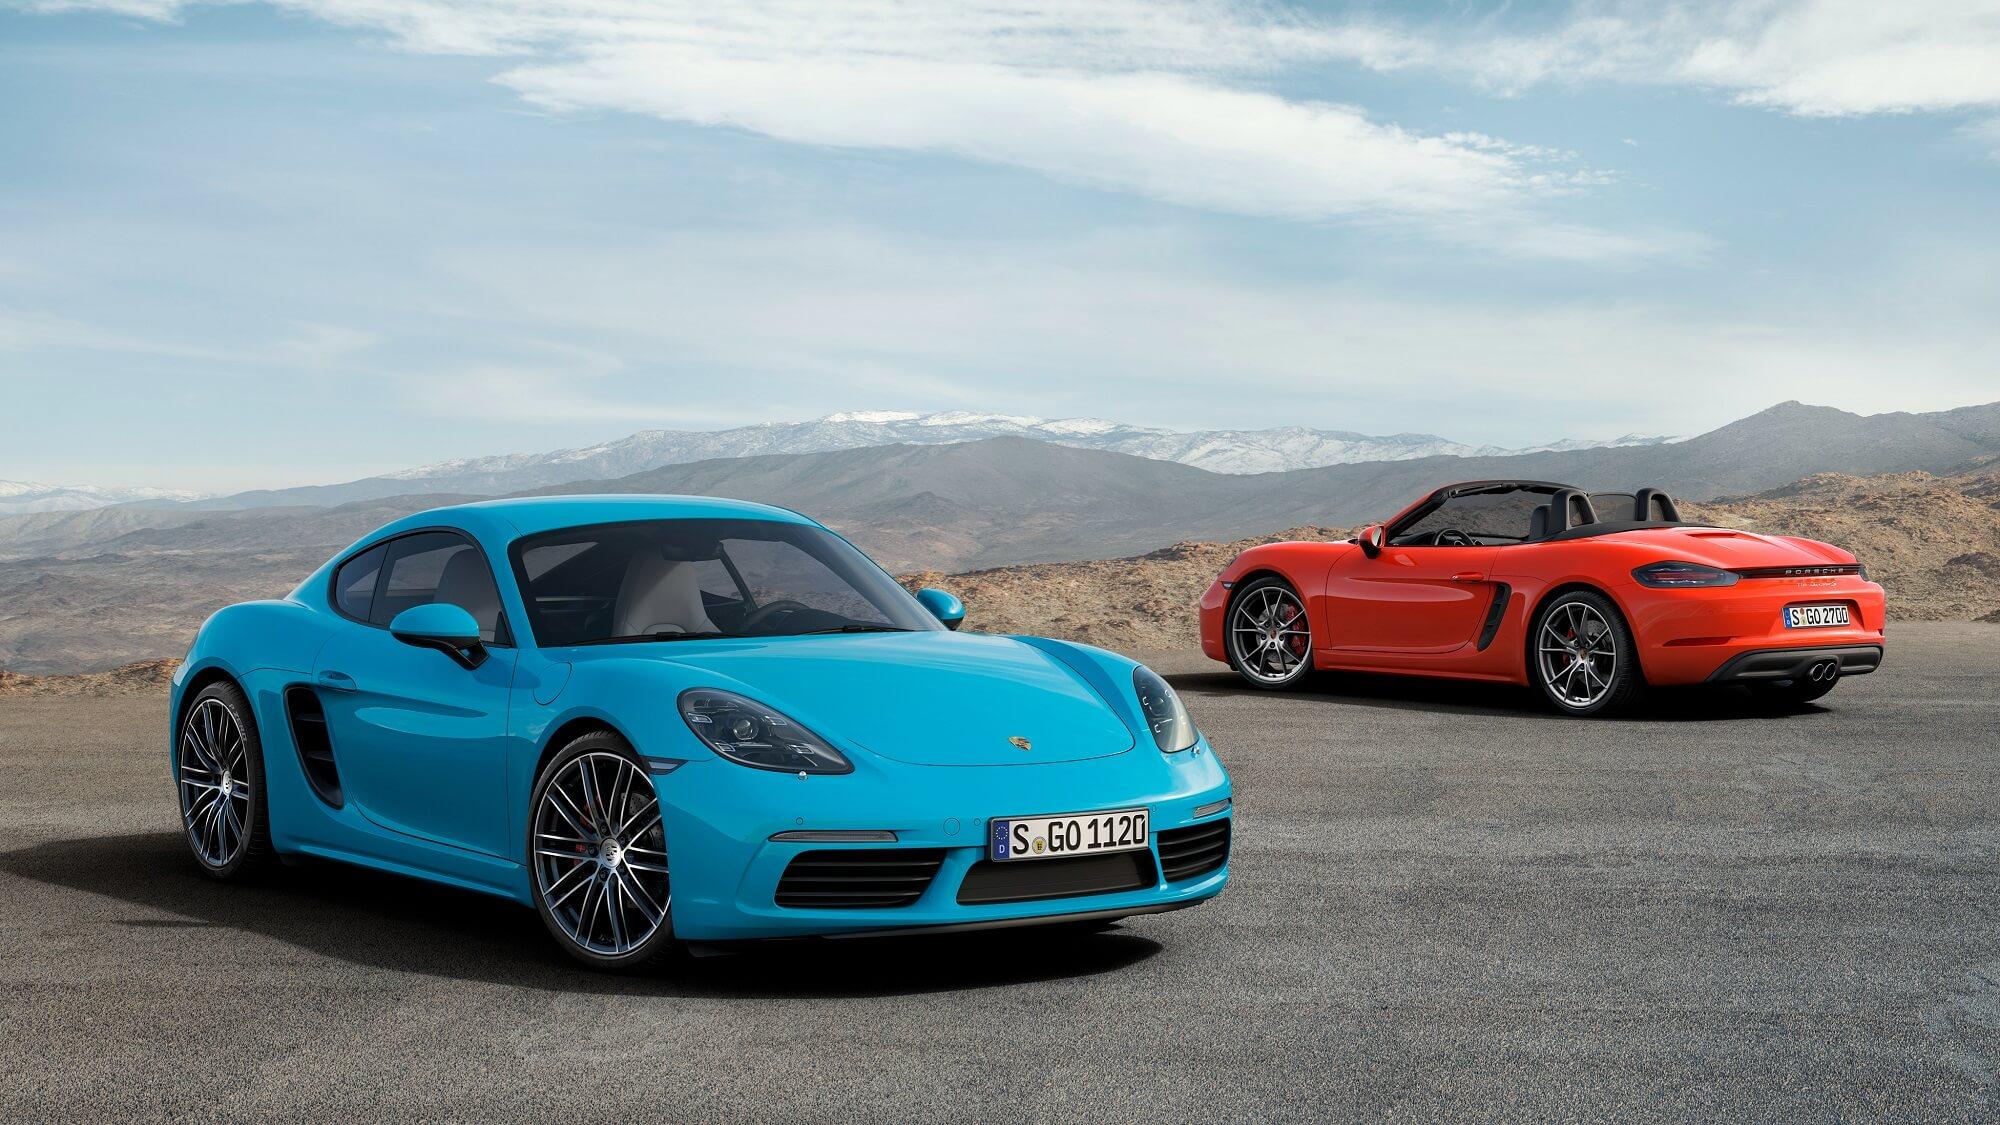 Porsche Prepara Se Para Eletrificar Os 718 Boxster E 718 Cayman